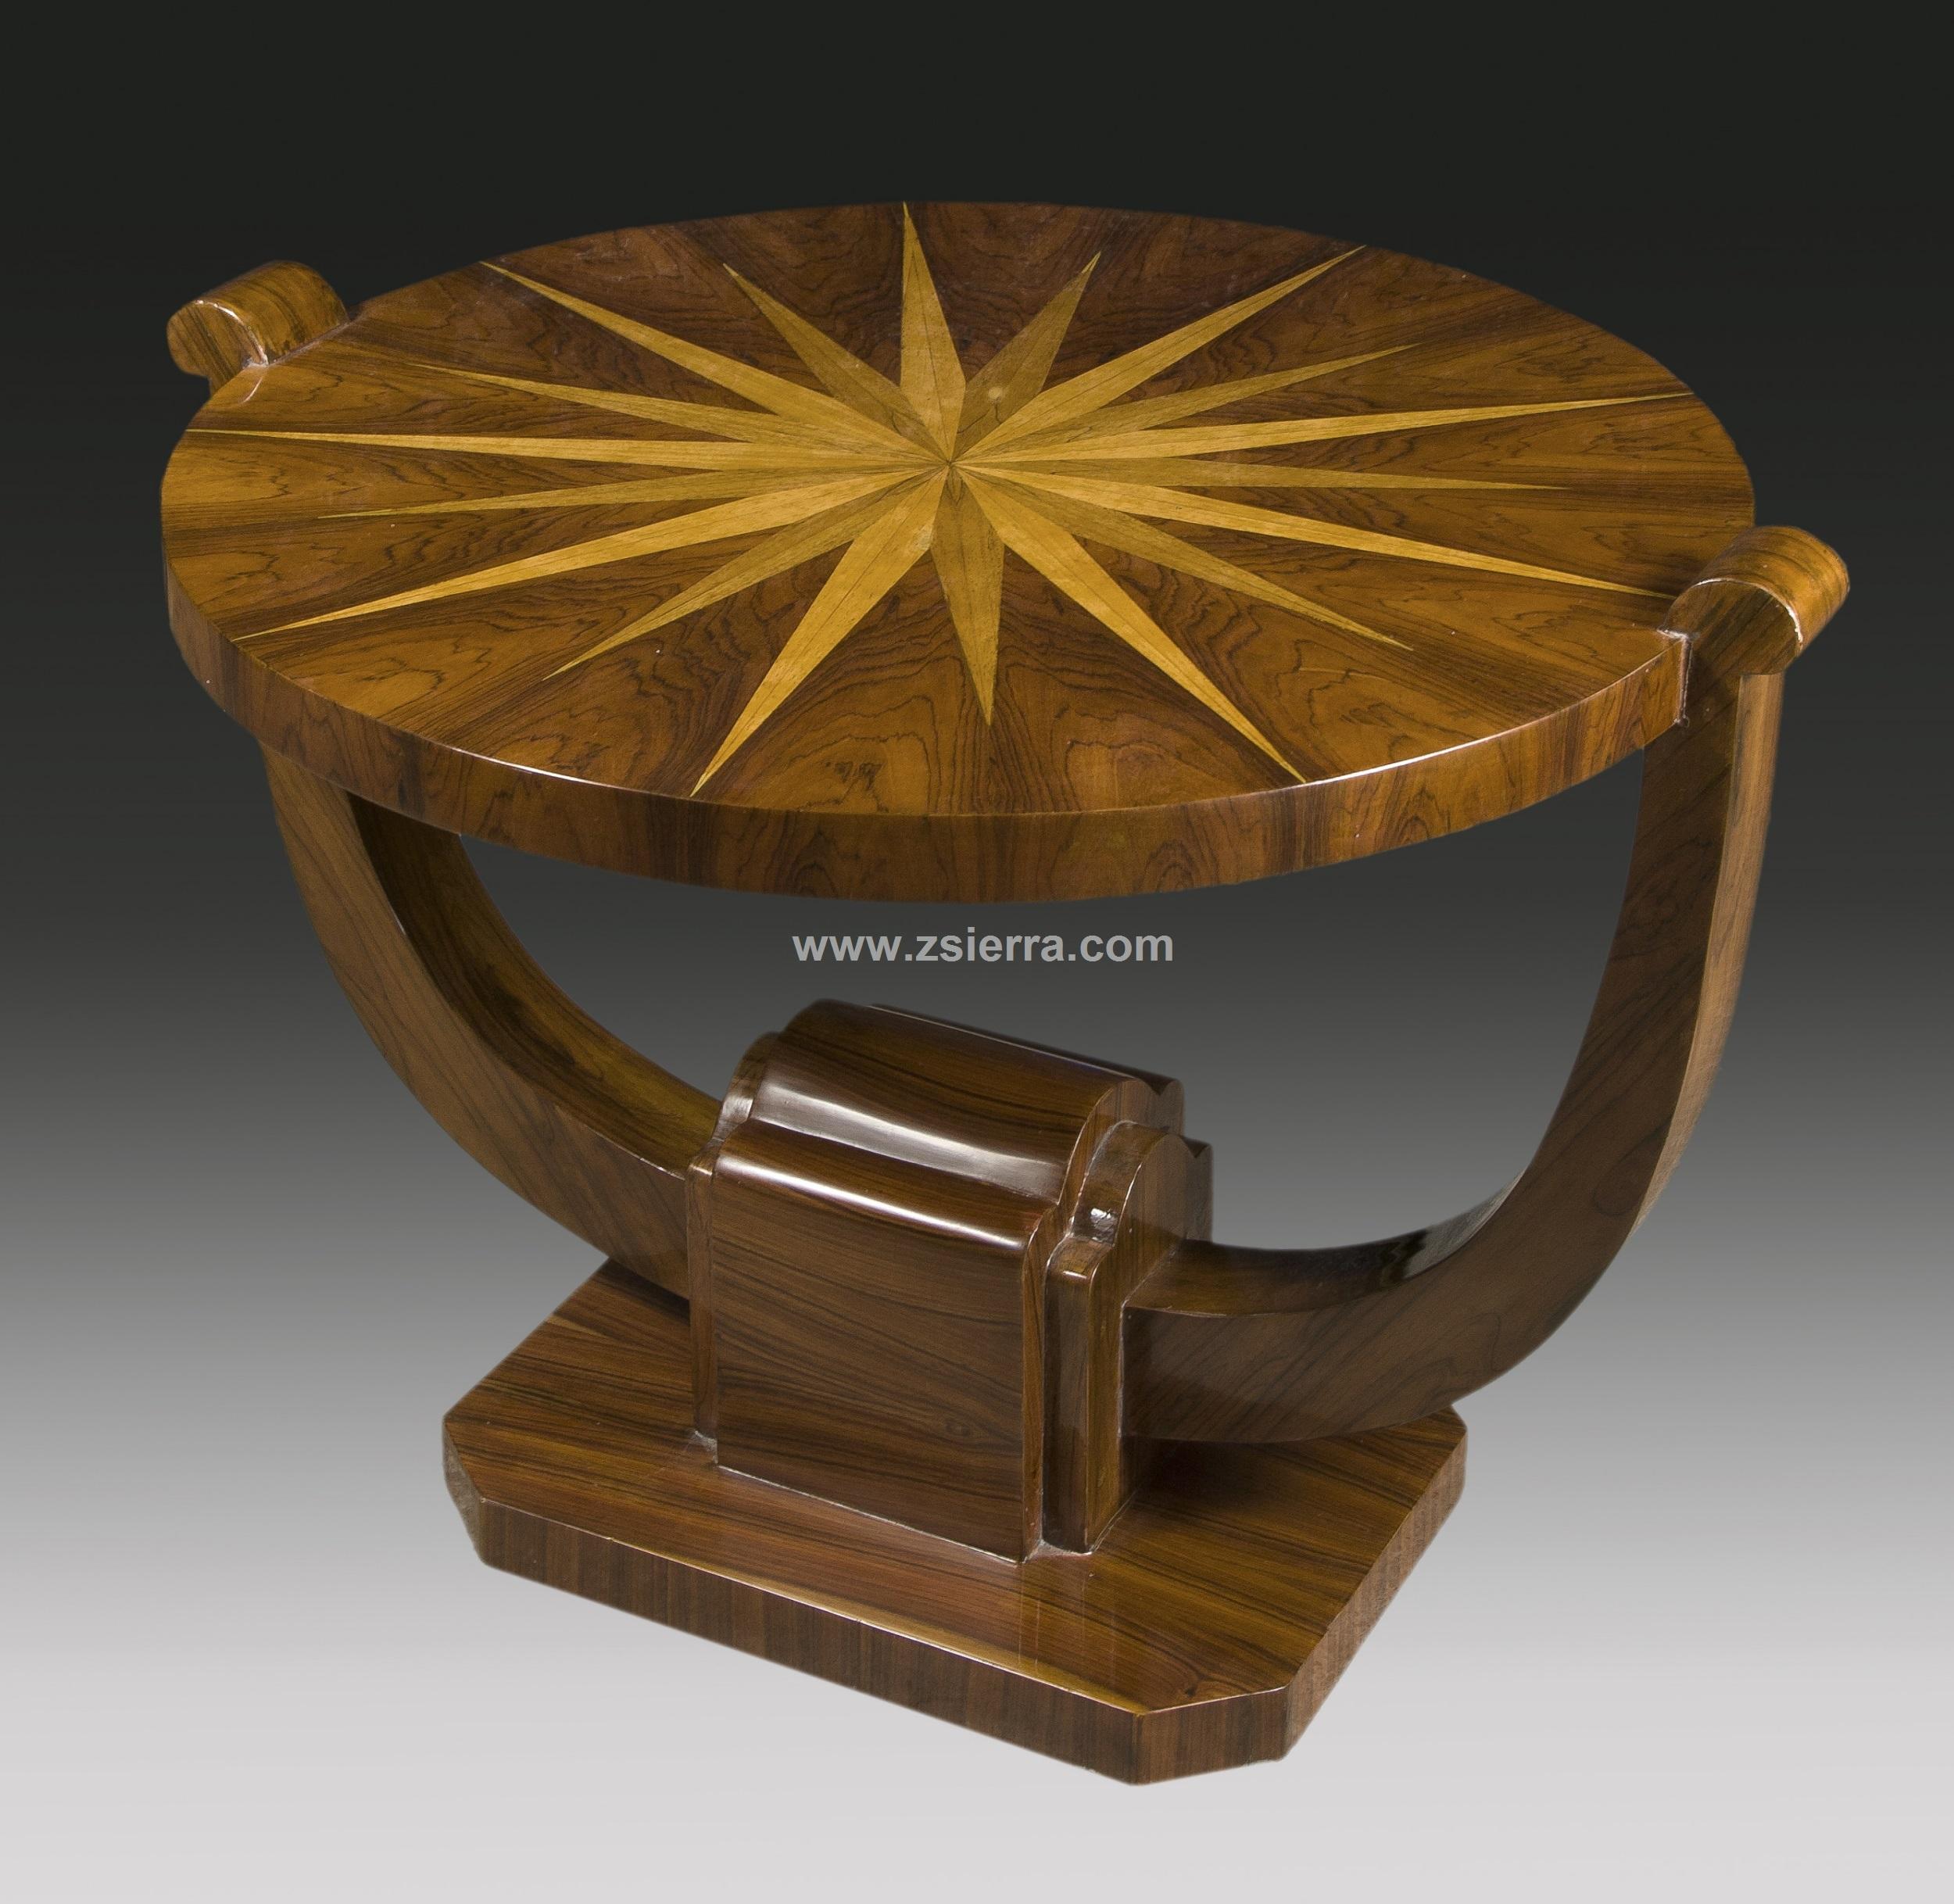 Z sierra antig edades y objetos de decoraci n mesa for Art deco decoracion